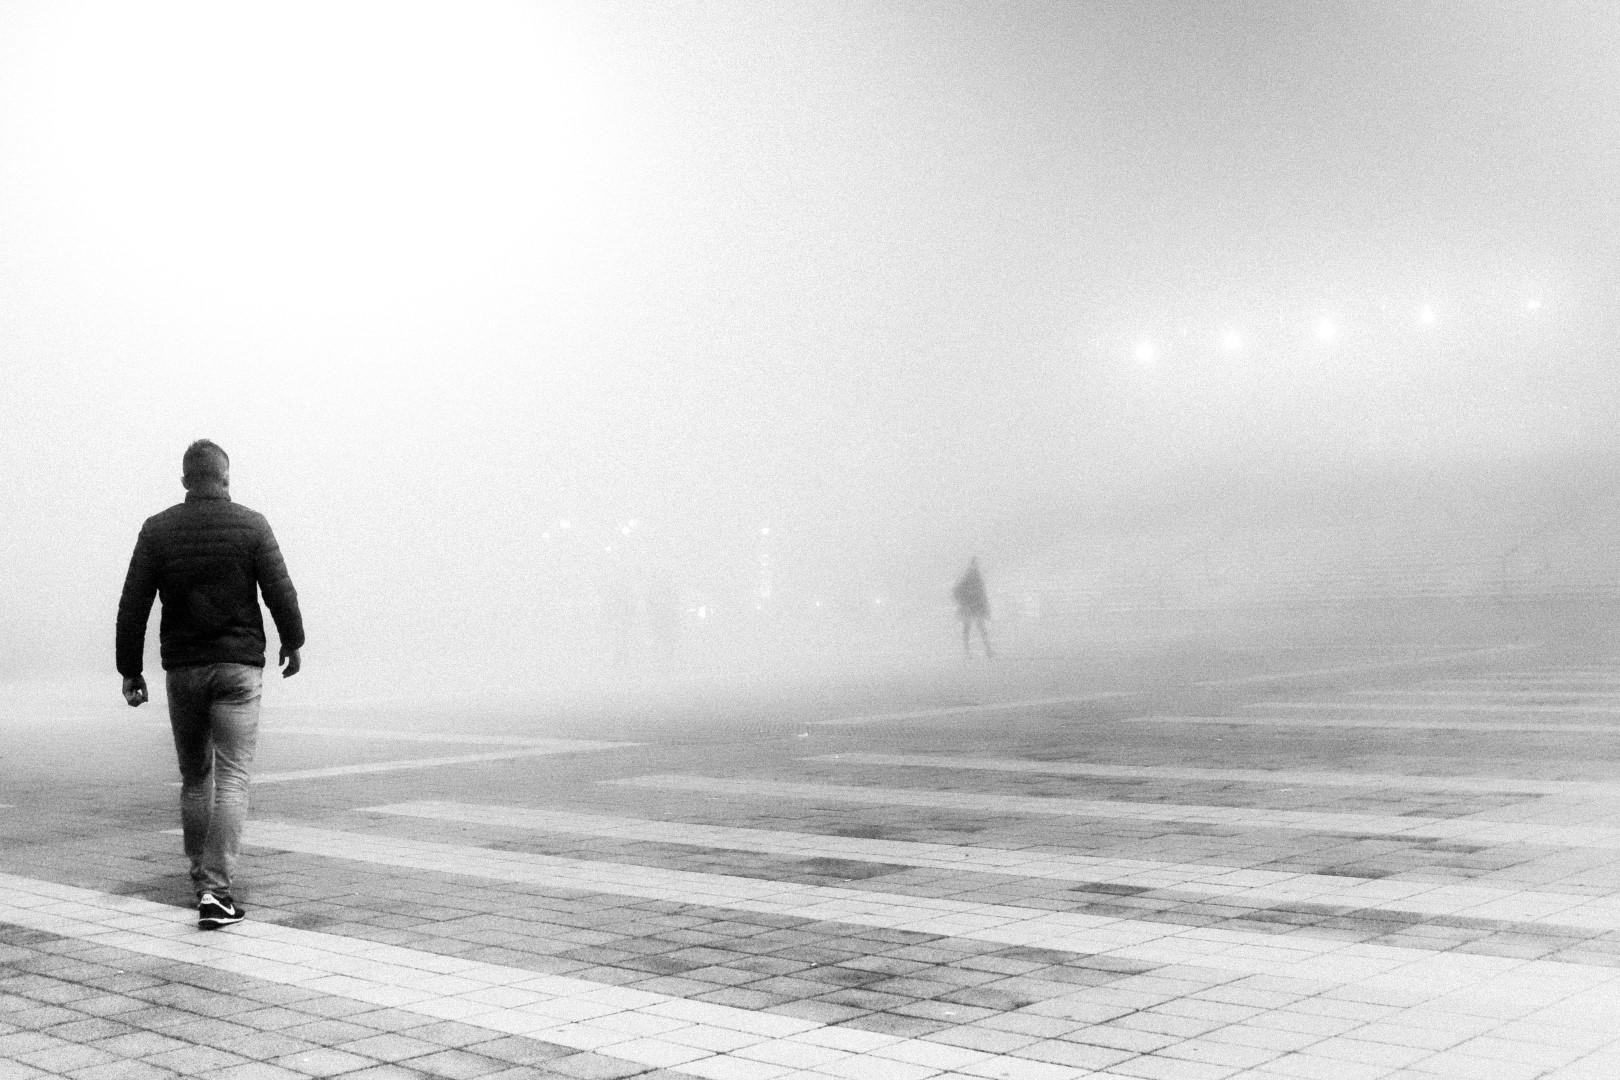 strangers-in-the-mist_25949587684_o (Large).jpg